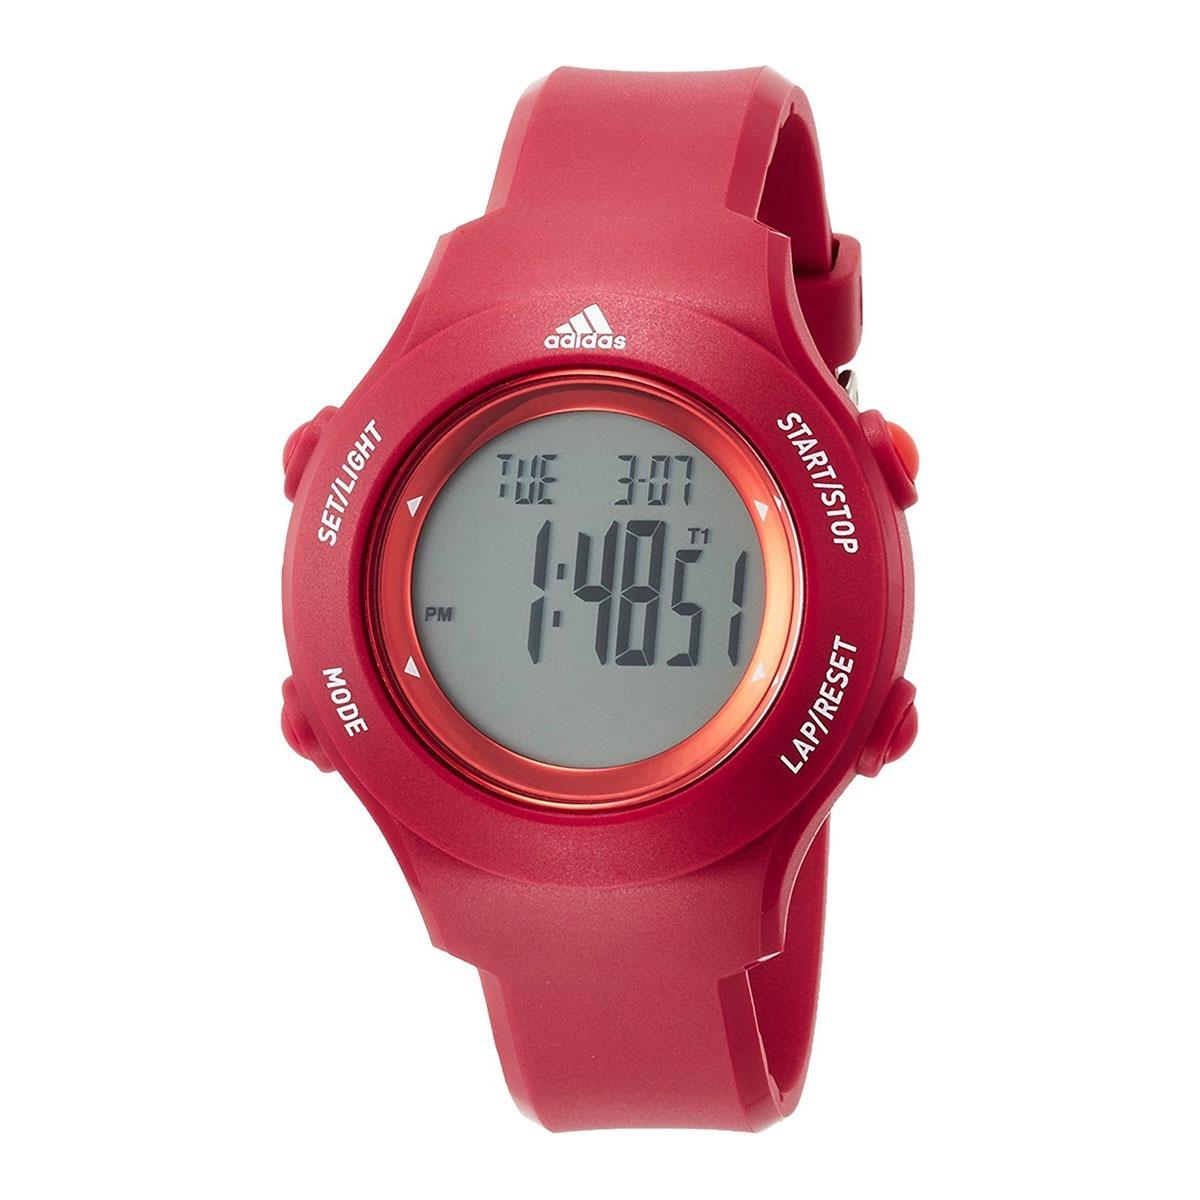 newest 06bd7 38c03 reloj adidas adp 3286 unisex color rojo. Cargando zoom.